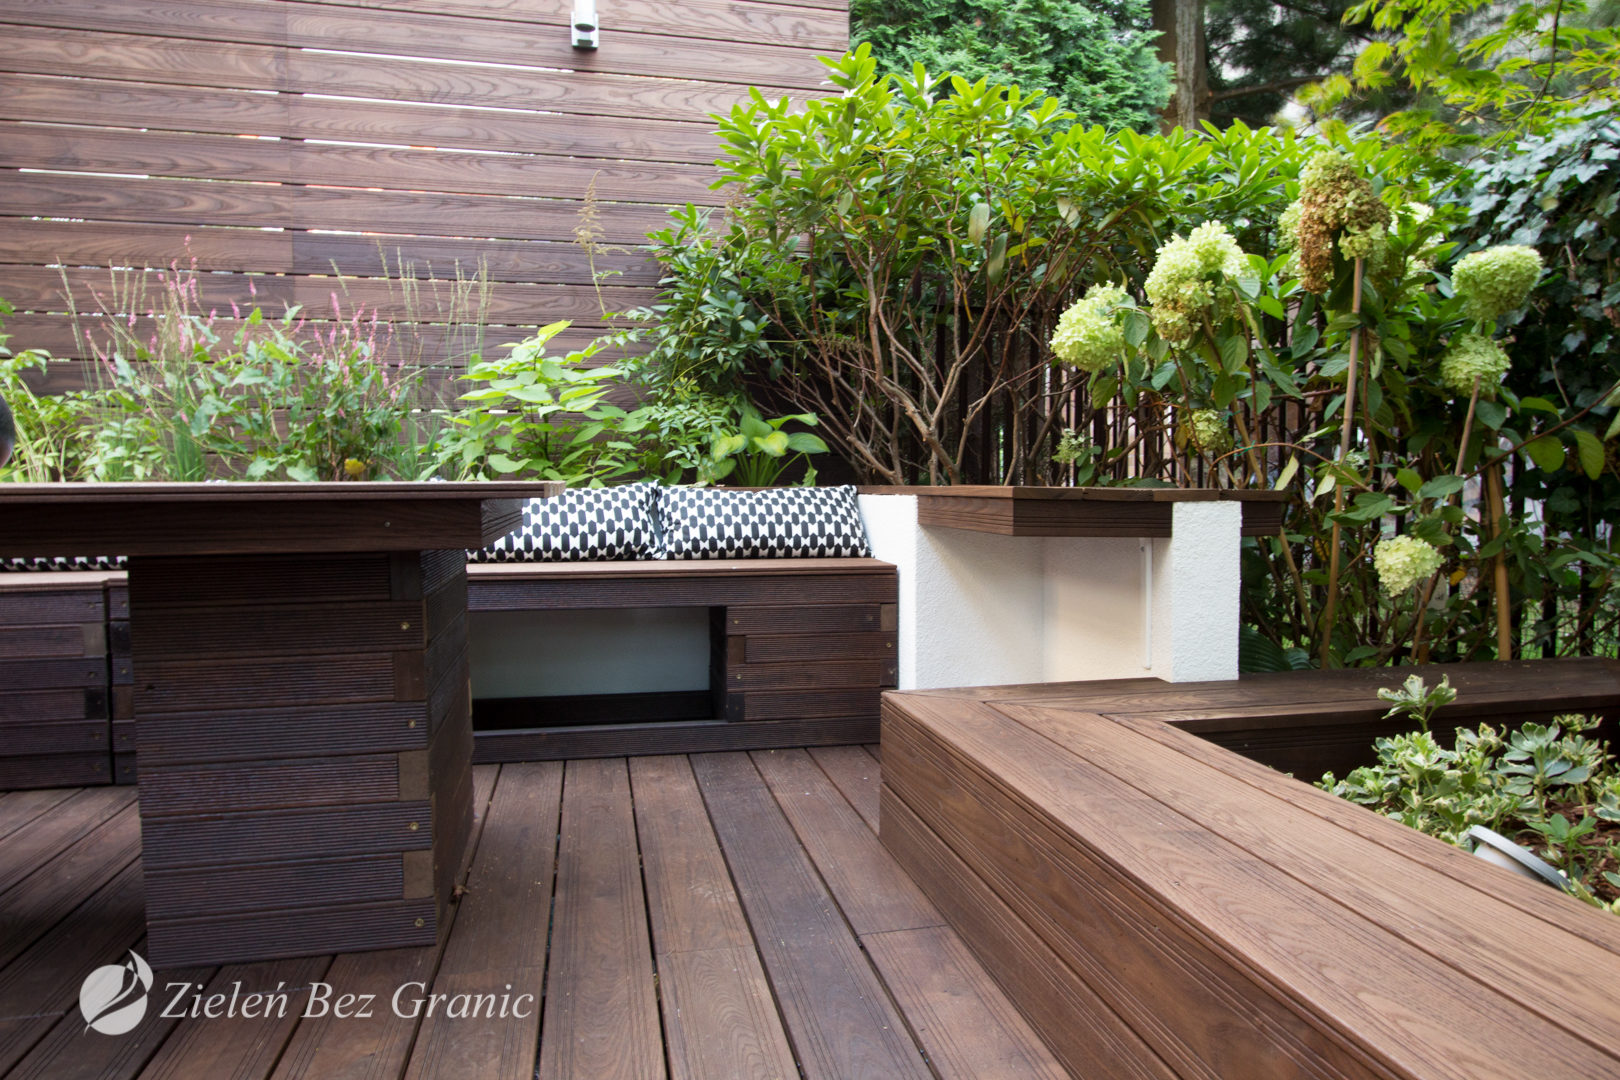 Drewniane elementy na tarasie